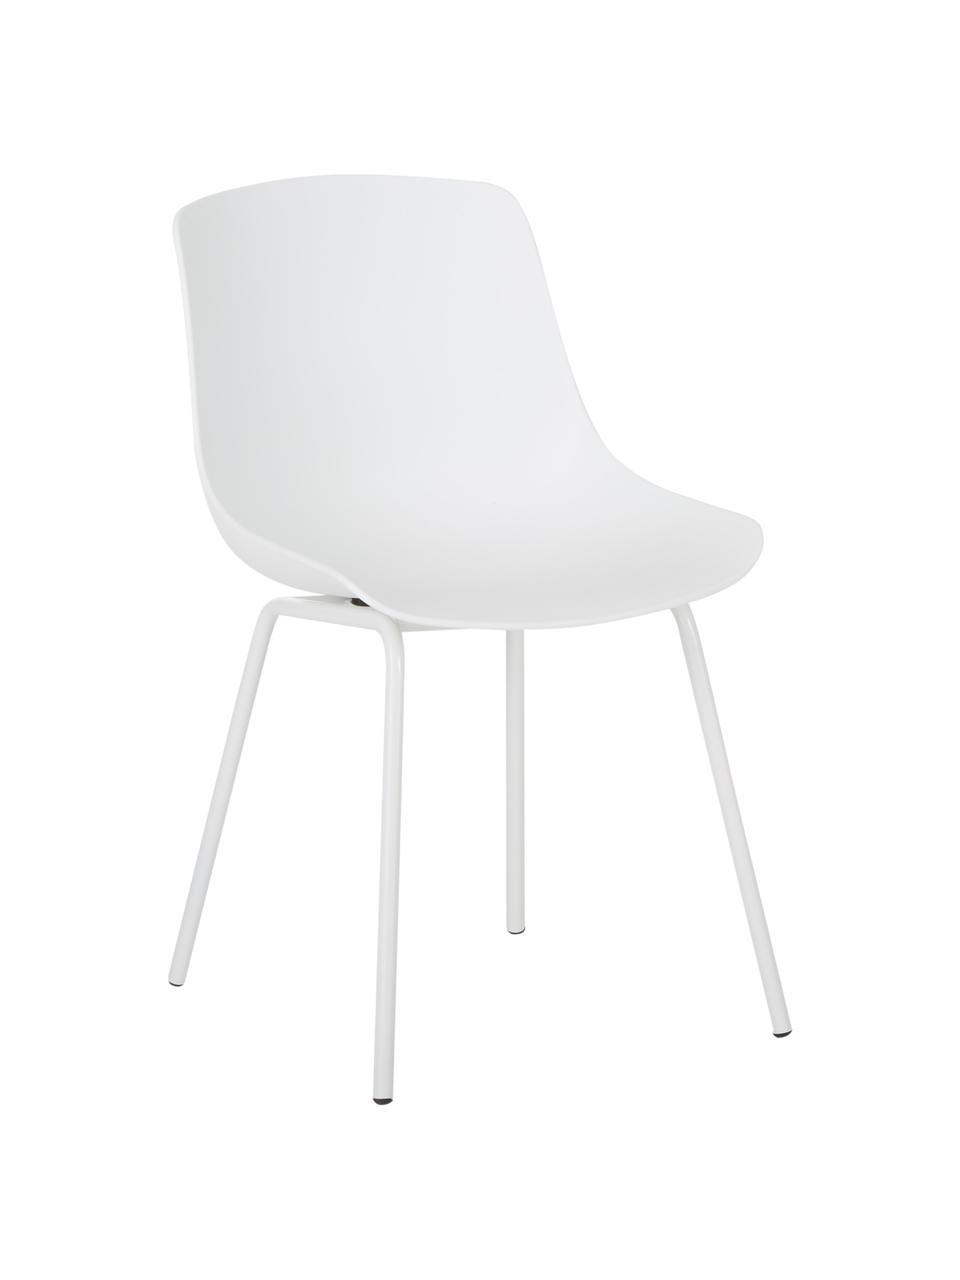 Krzesło z tworzywa sztucznego z metalowymi nogami Joe, 2 szt., Nogi: metal malowany proszkowo, Biały, S 46 x G 53 cm